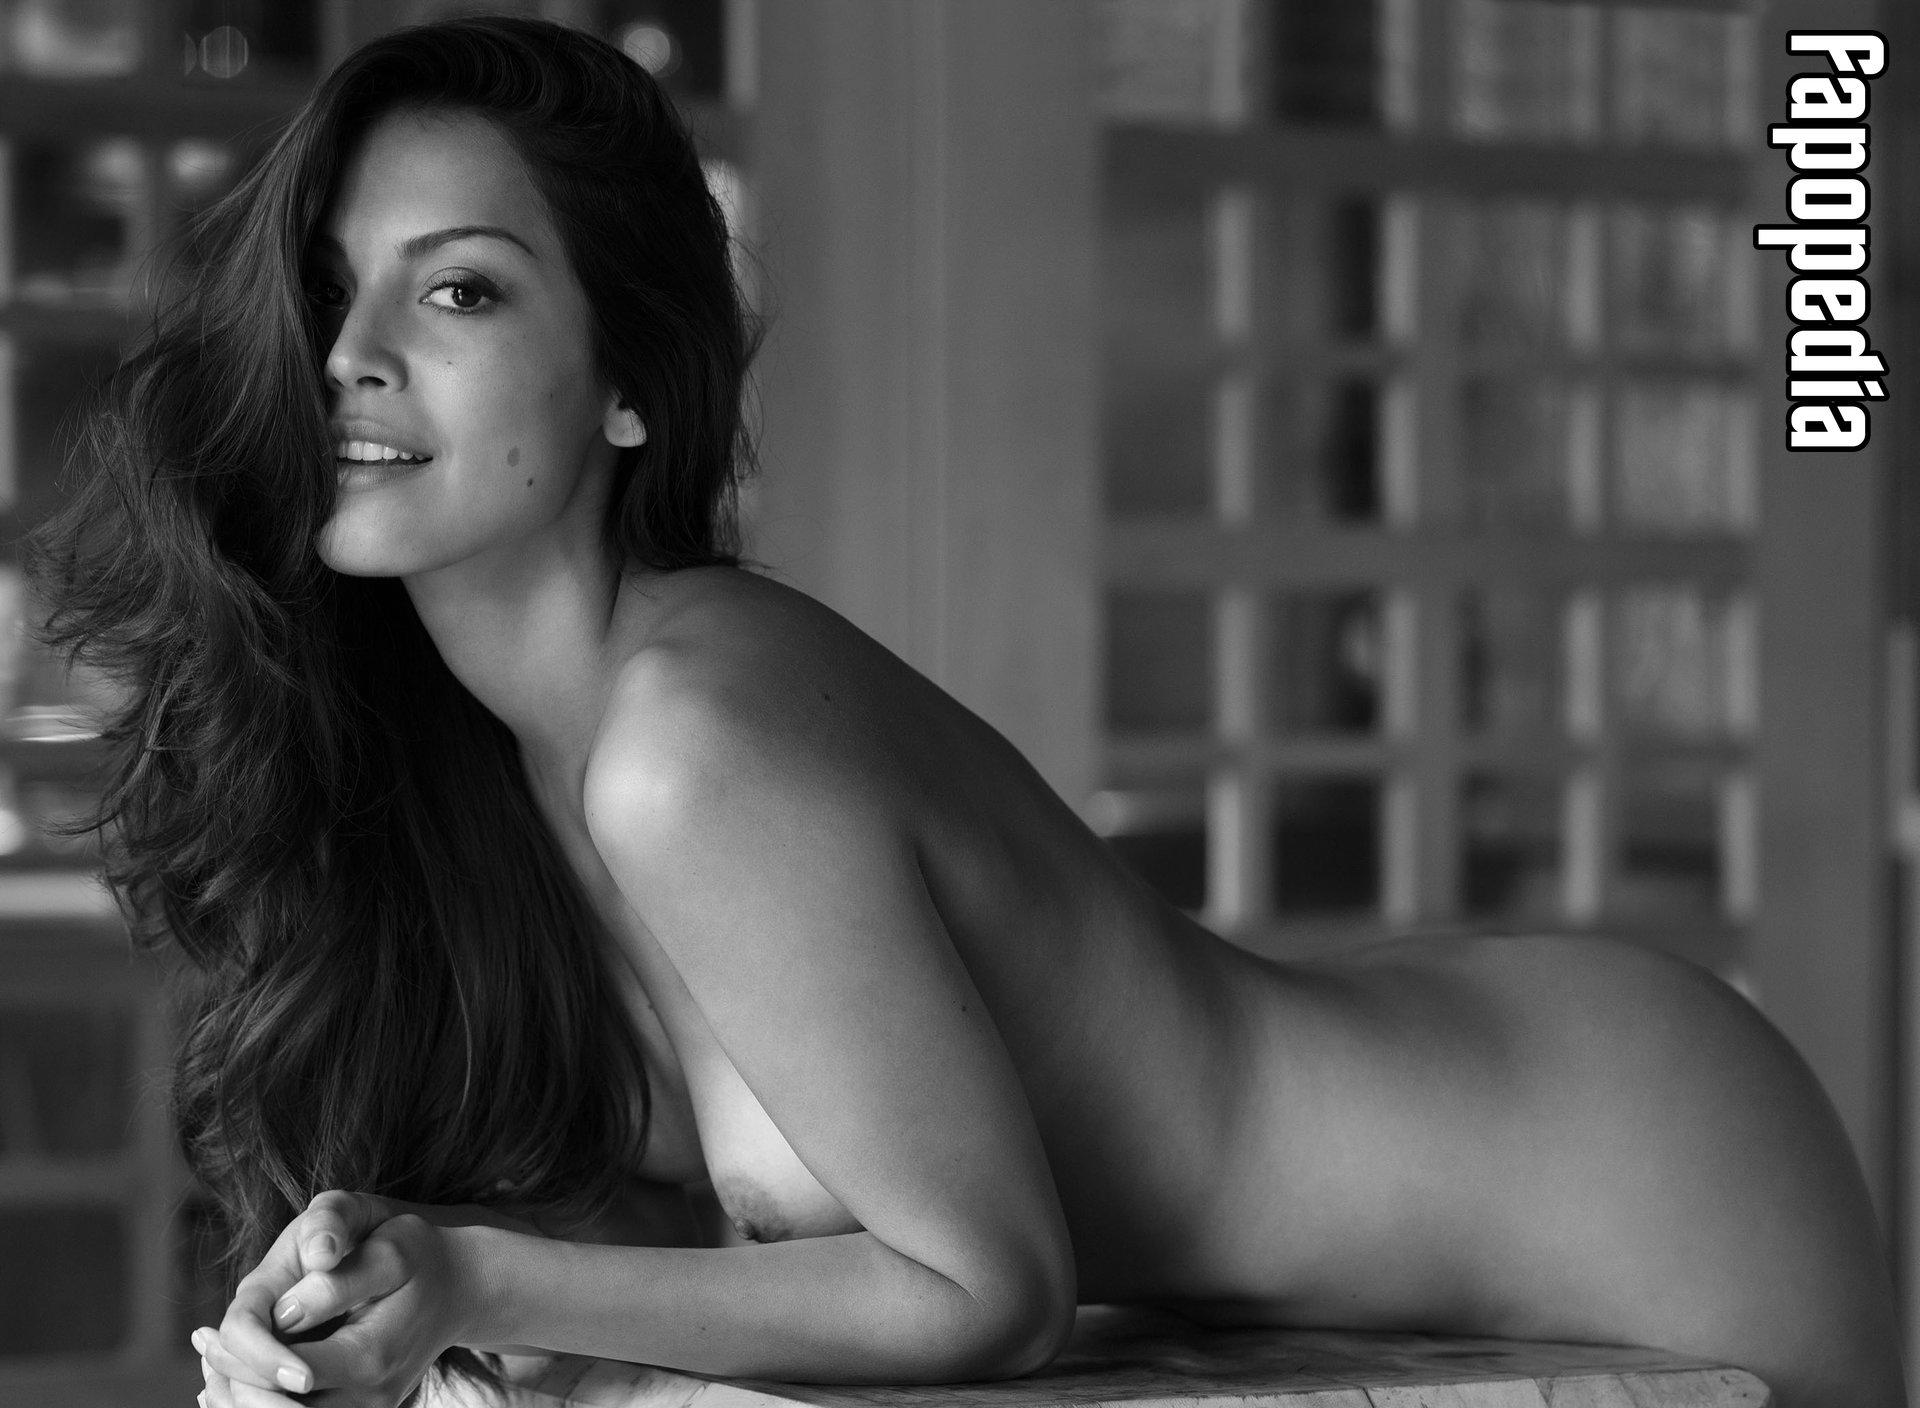 Raquel Pomplun Nude Leaks